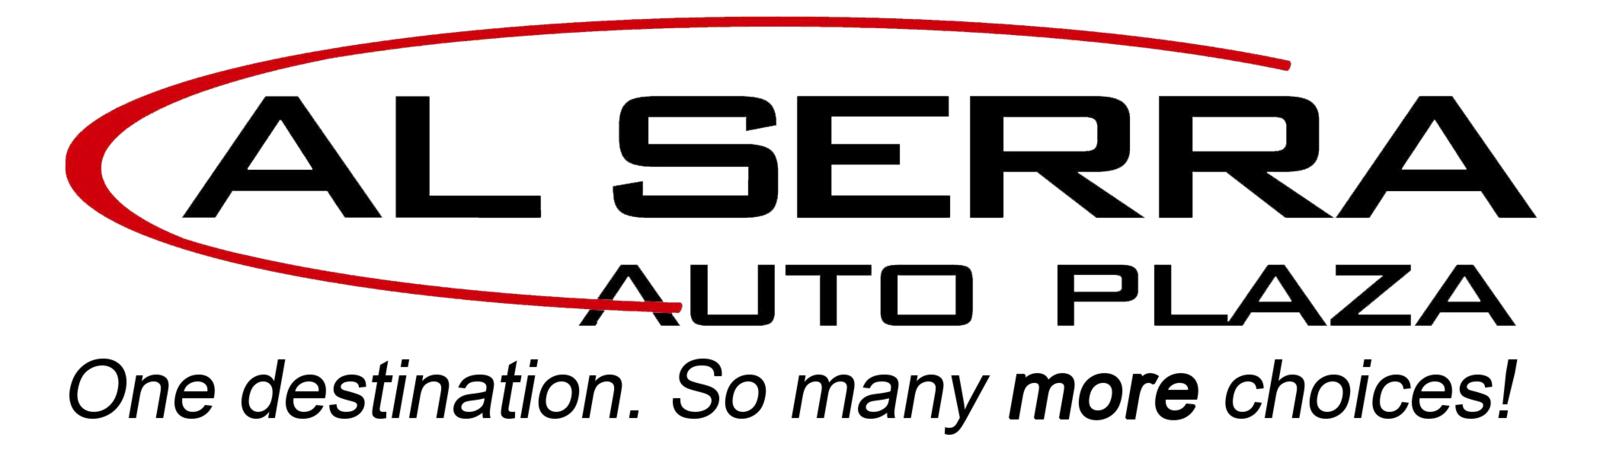 Serra Used Cars Grand Blanc